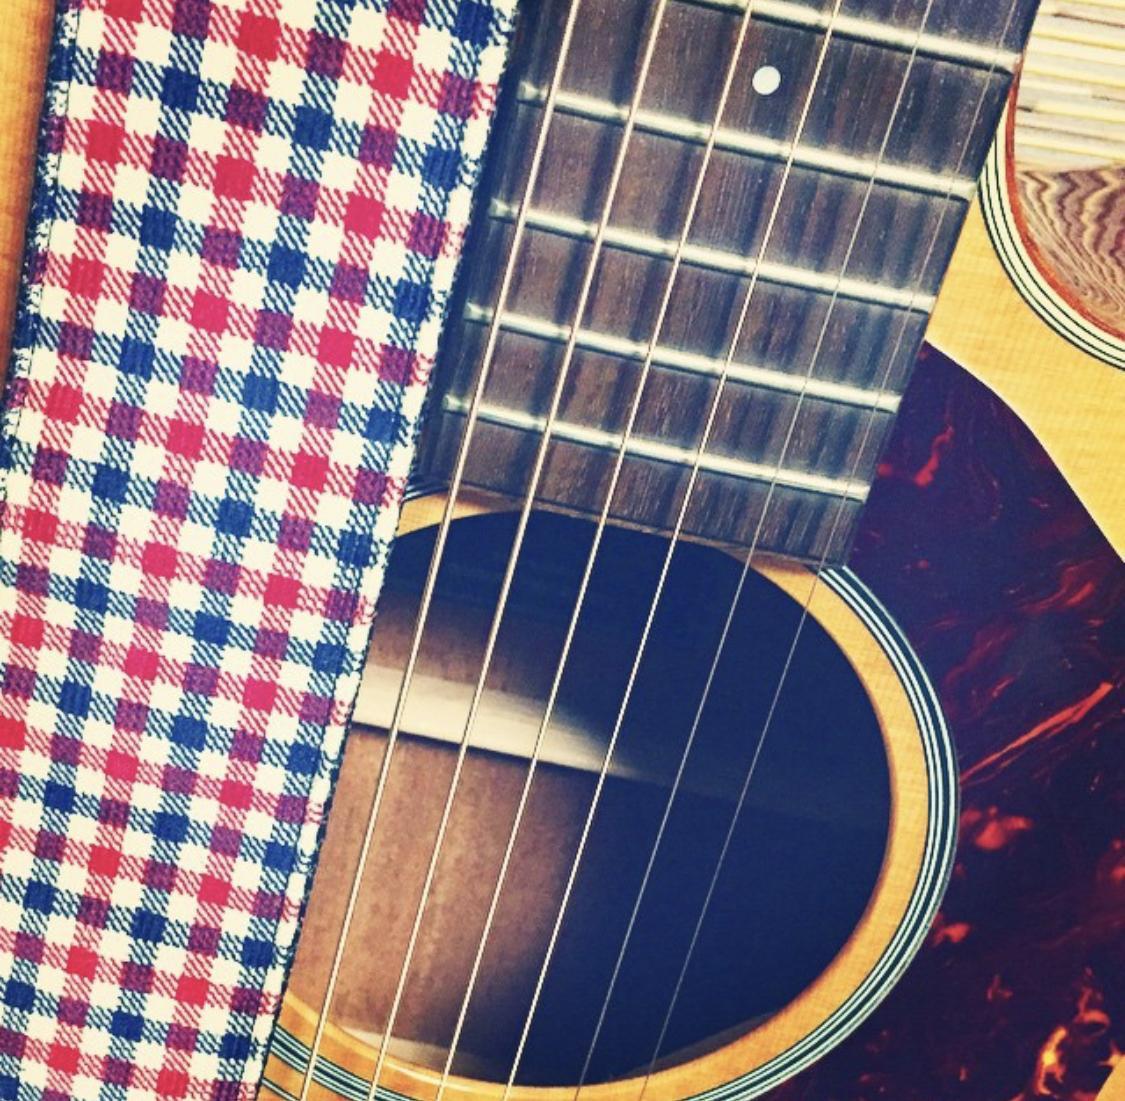 あなたの書いた詞ギターとメロディをつけて歌にします 詞は書けるんだけどメロディが思いつかない・・僕が曲にします!